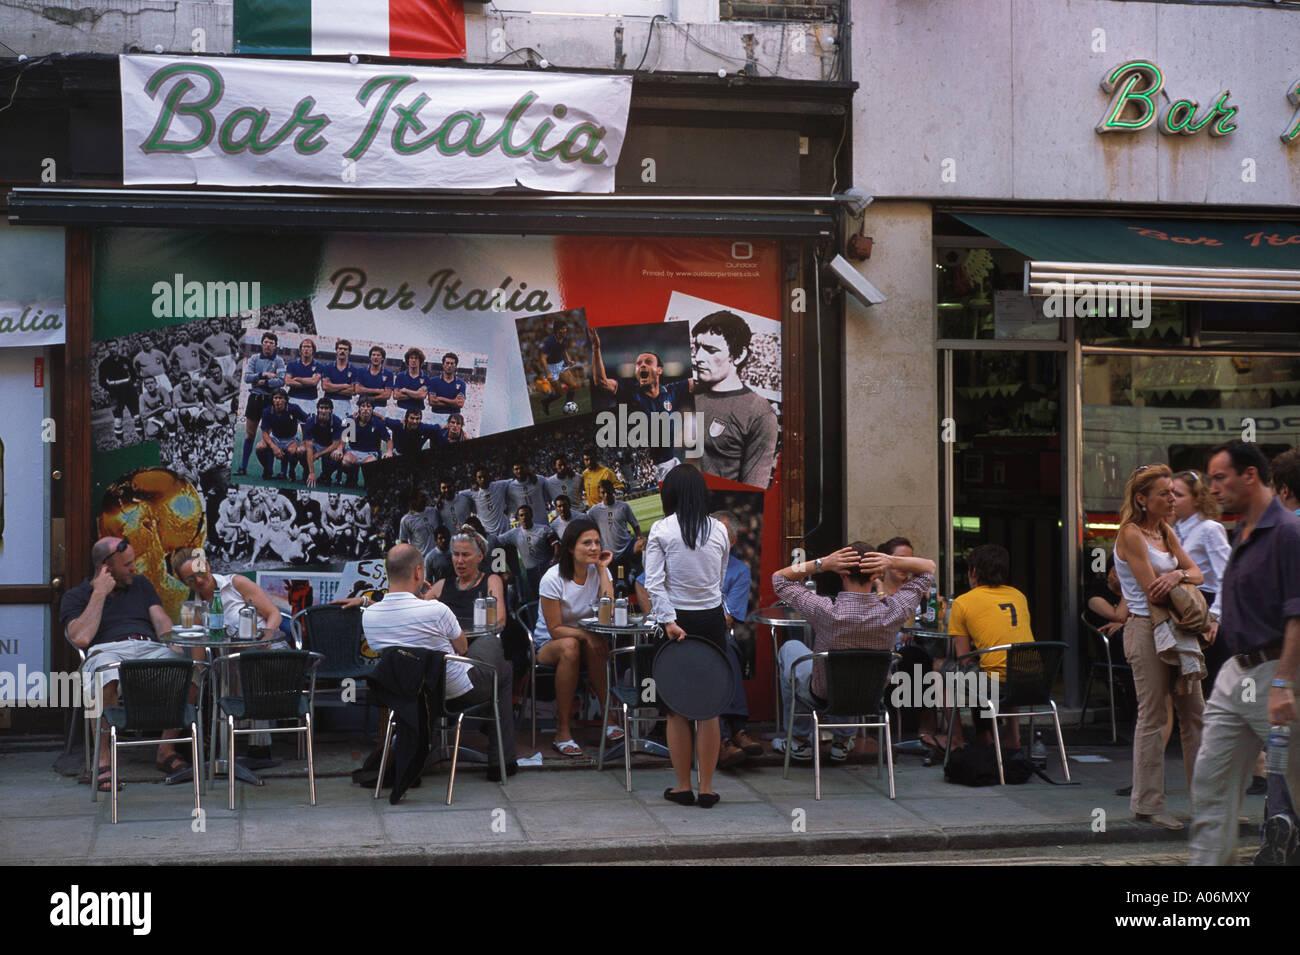 Bar Italia Dean Street Soho London - Stock Image